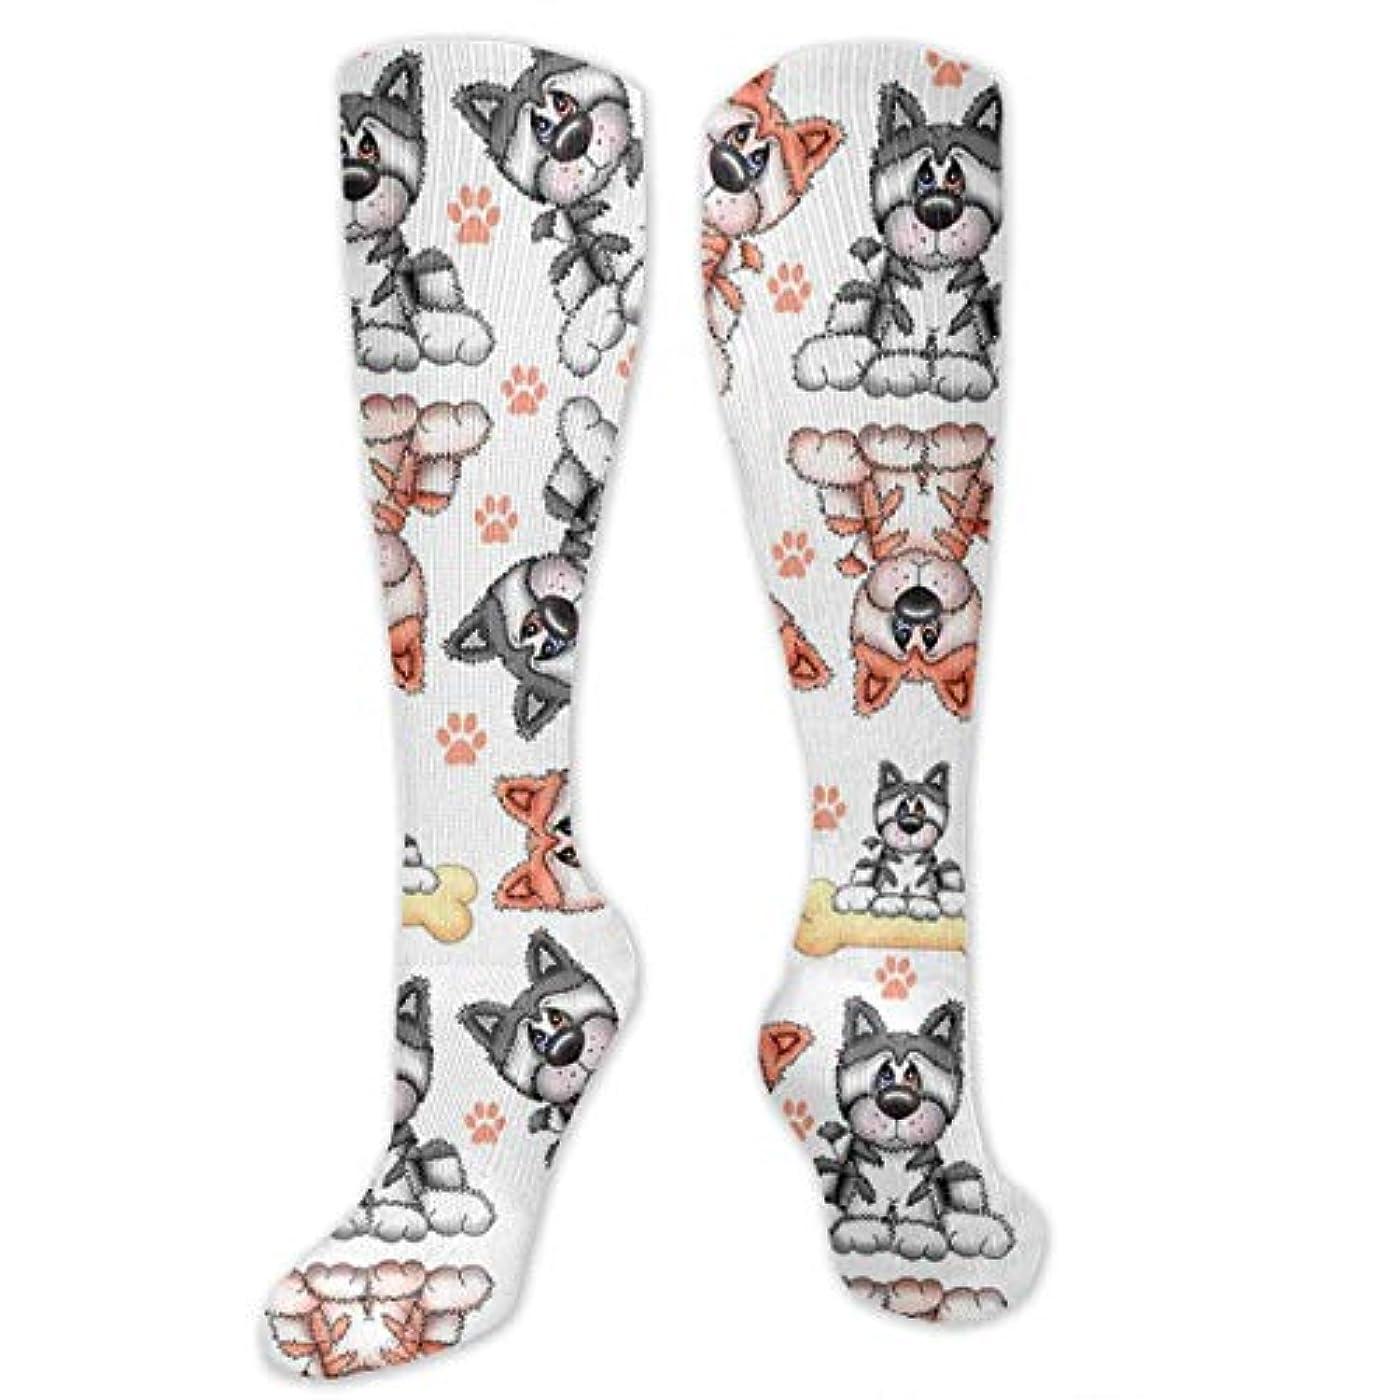 スロープチャームビット靴下,ストッキング,野生のジョーカー,実際,秋の本質,冬必須,サマーウェア&RBXAA Husky Dog Socks Women's Winter Cotton Long Tube Socks Cotton Solid...